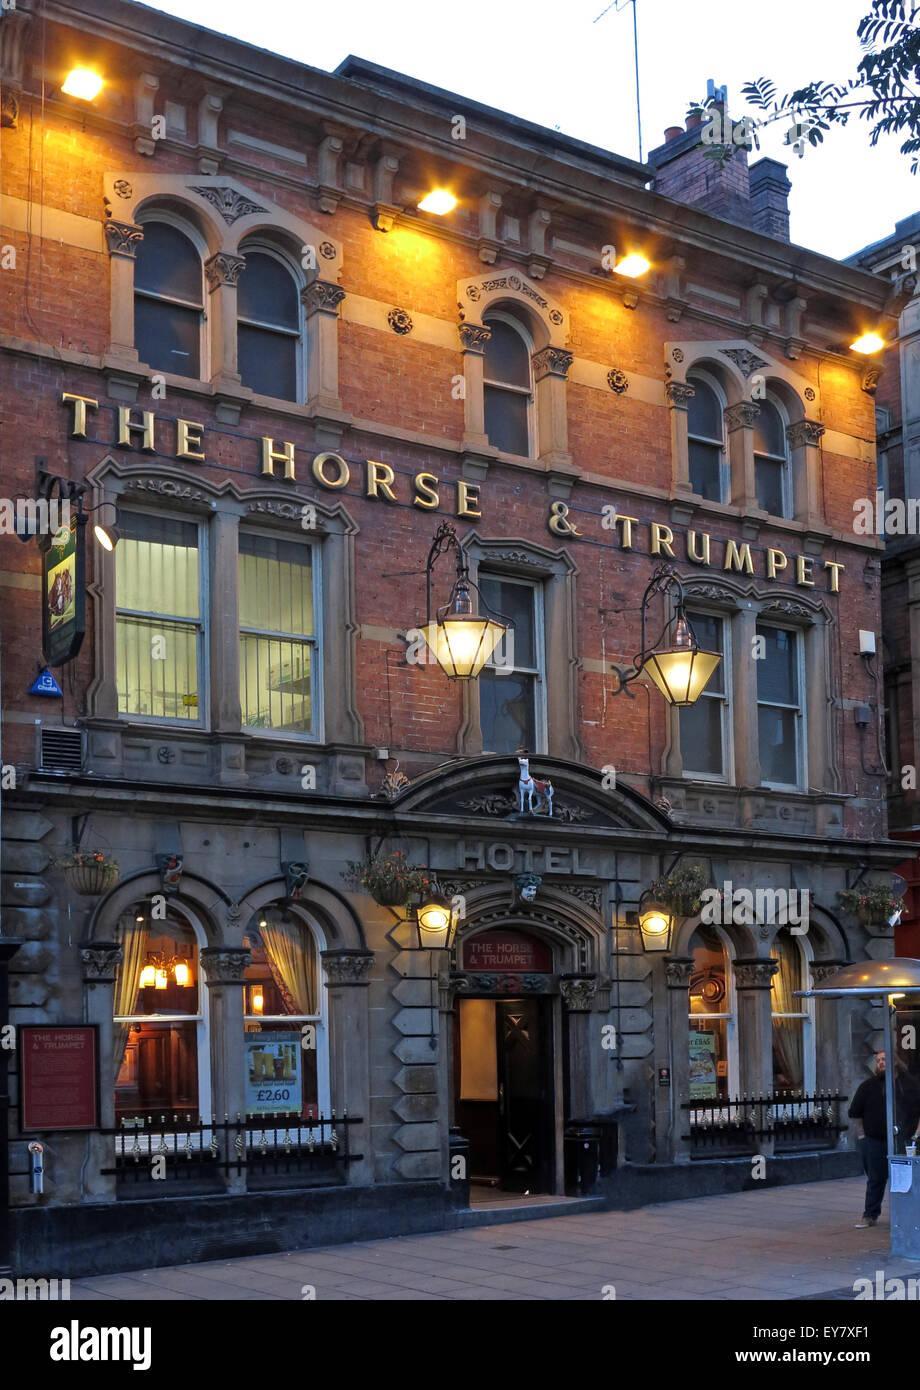 Laden Sie dieses Alamy Stockfoto Das Pferd und Trompete Pub, Leeds bei Nacht, Yorkshire, England, UK - EY7XF1